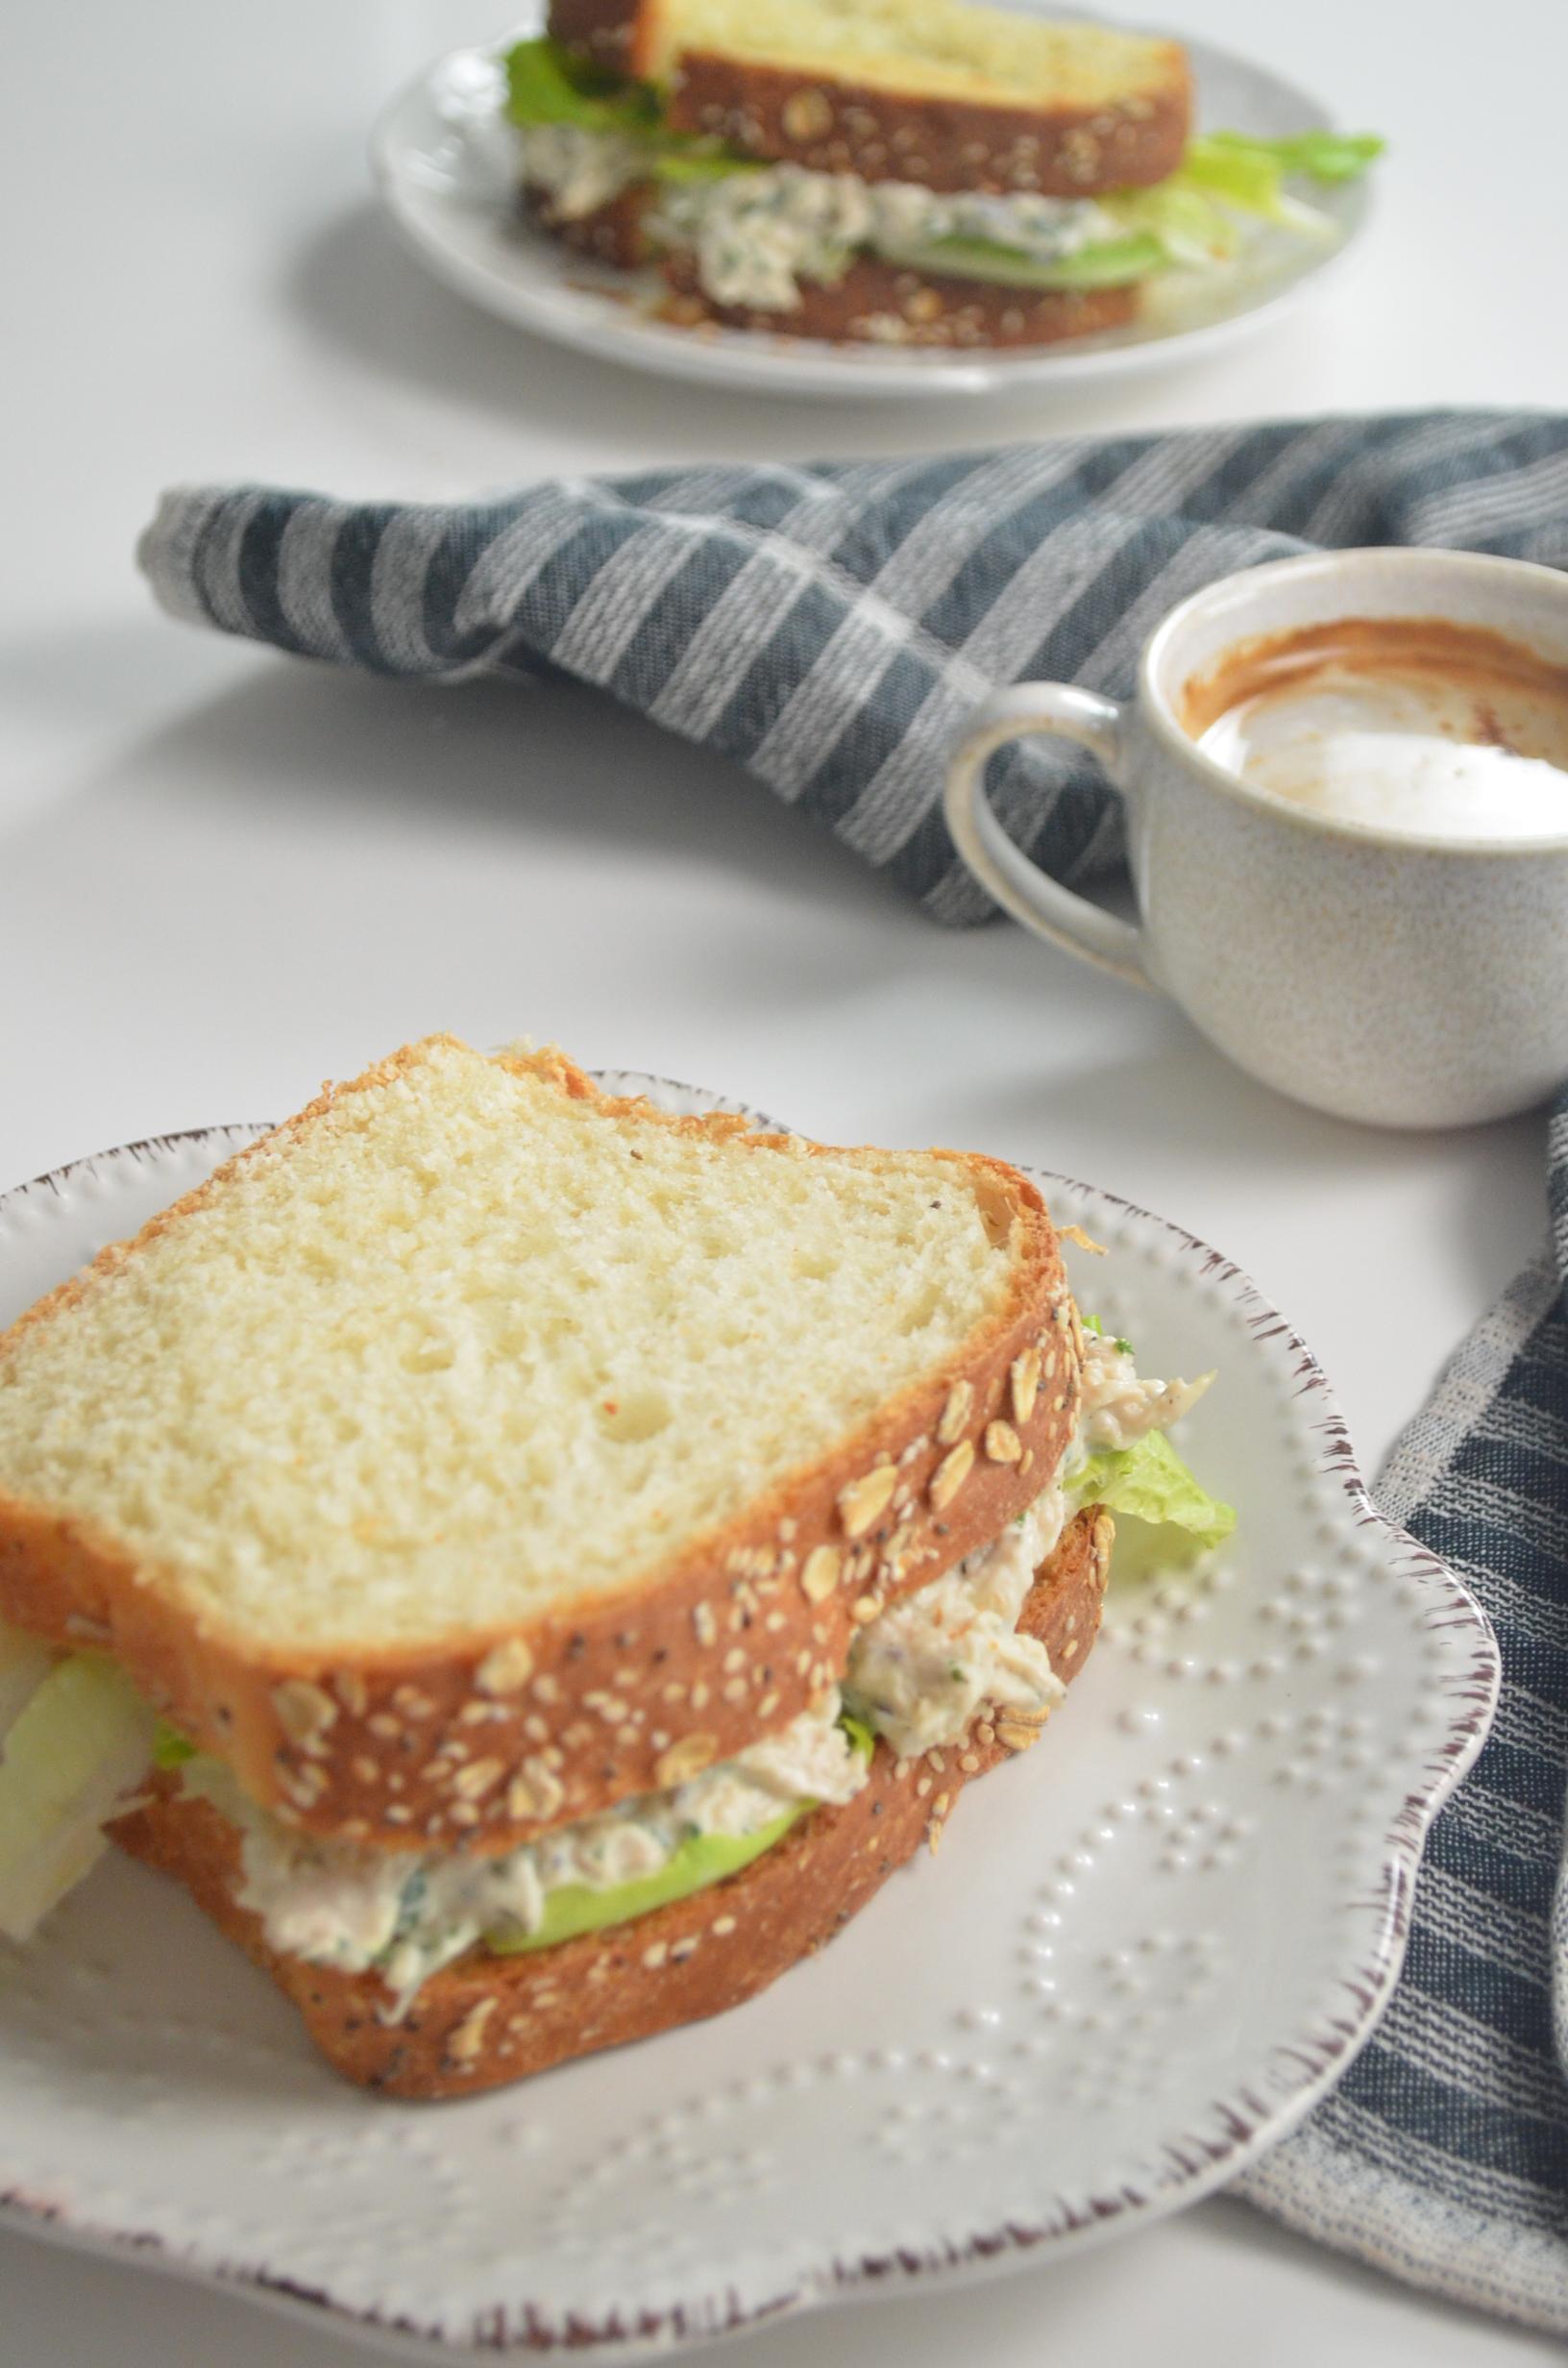 Chicken Sandwhich Spread with Homemade Vegan Bread